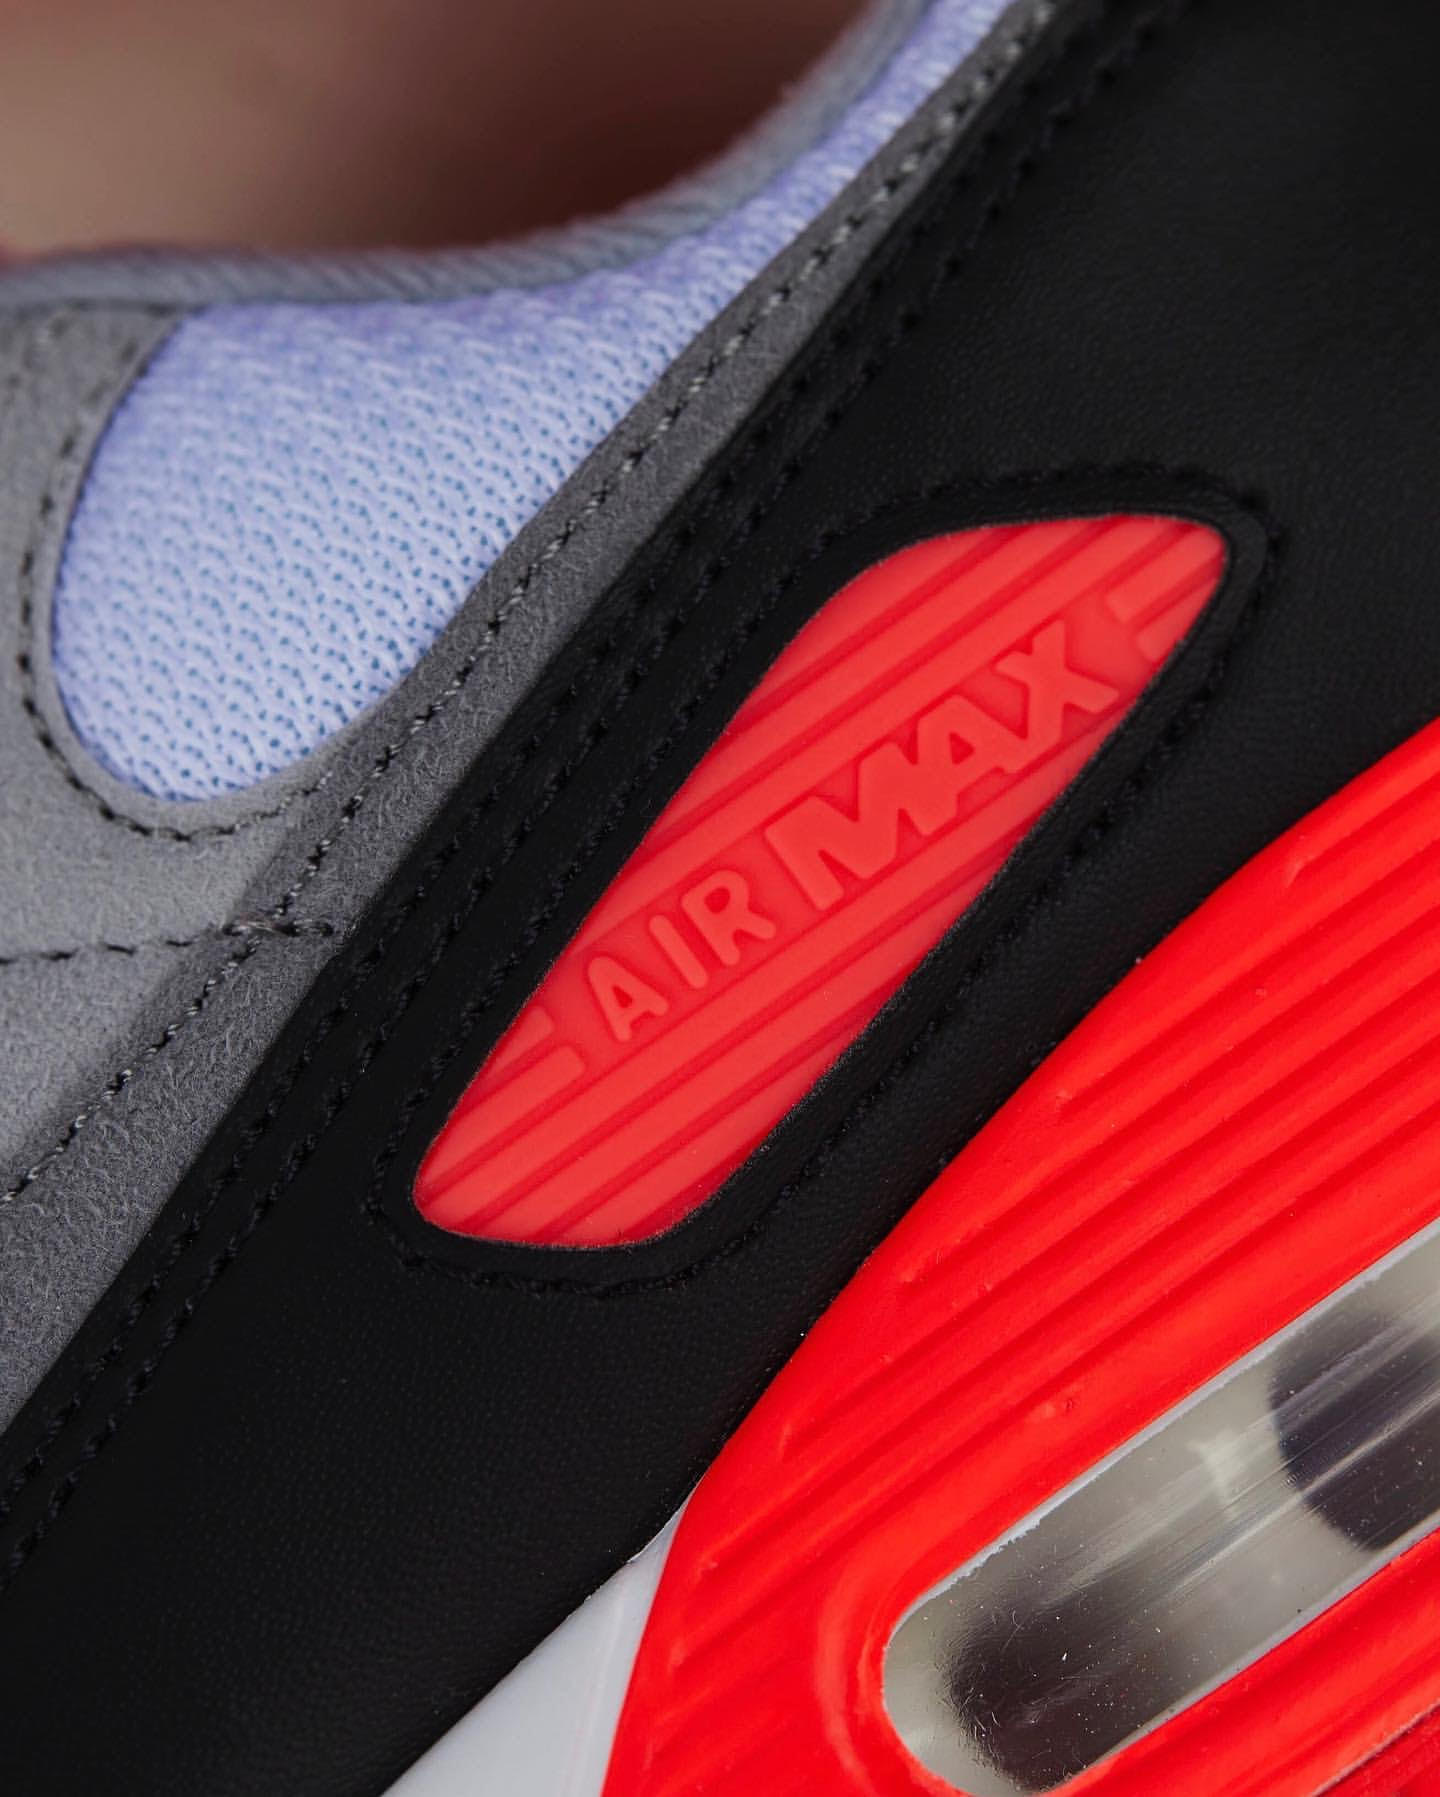 ナイキ エア マックス 90 インフラレッド Nike Air Max 90 Infrared CT1685-100 atmos sole unit